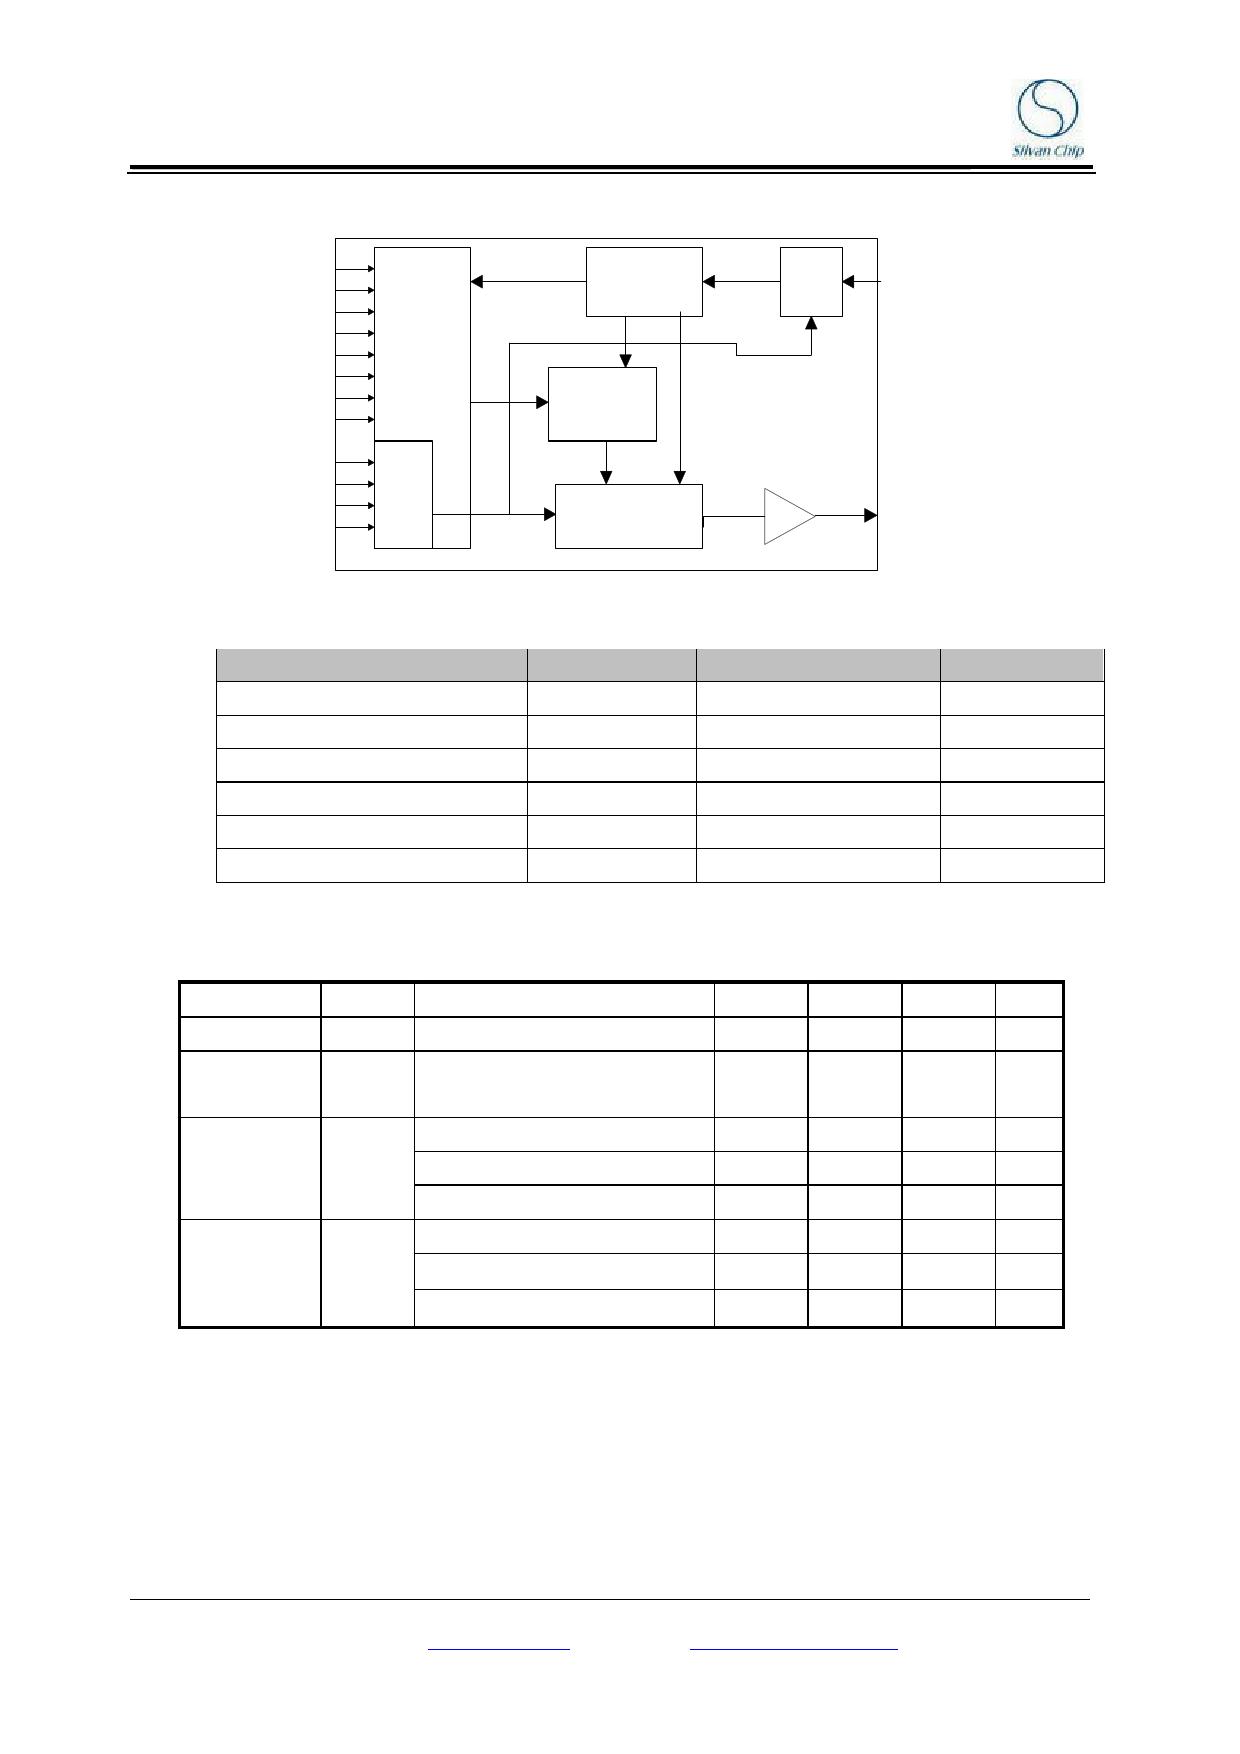 SCT2260 pdf schematic